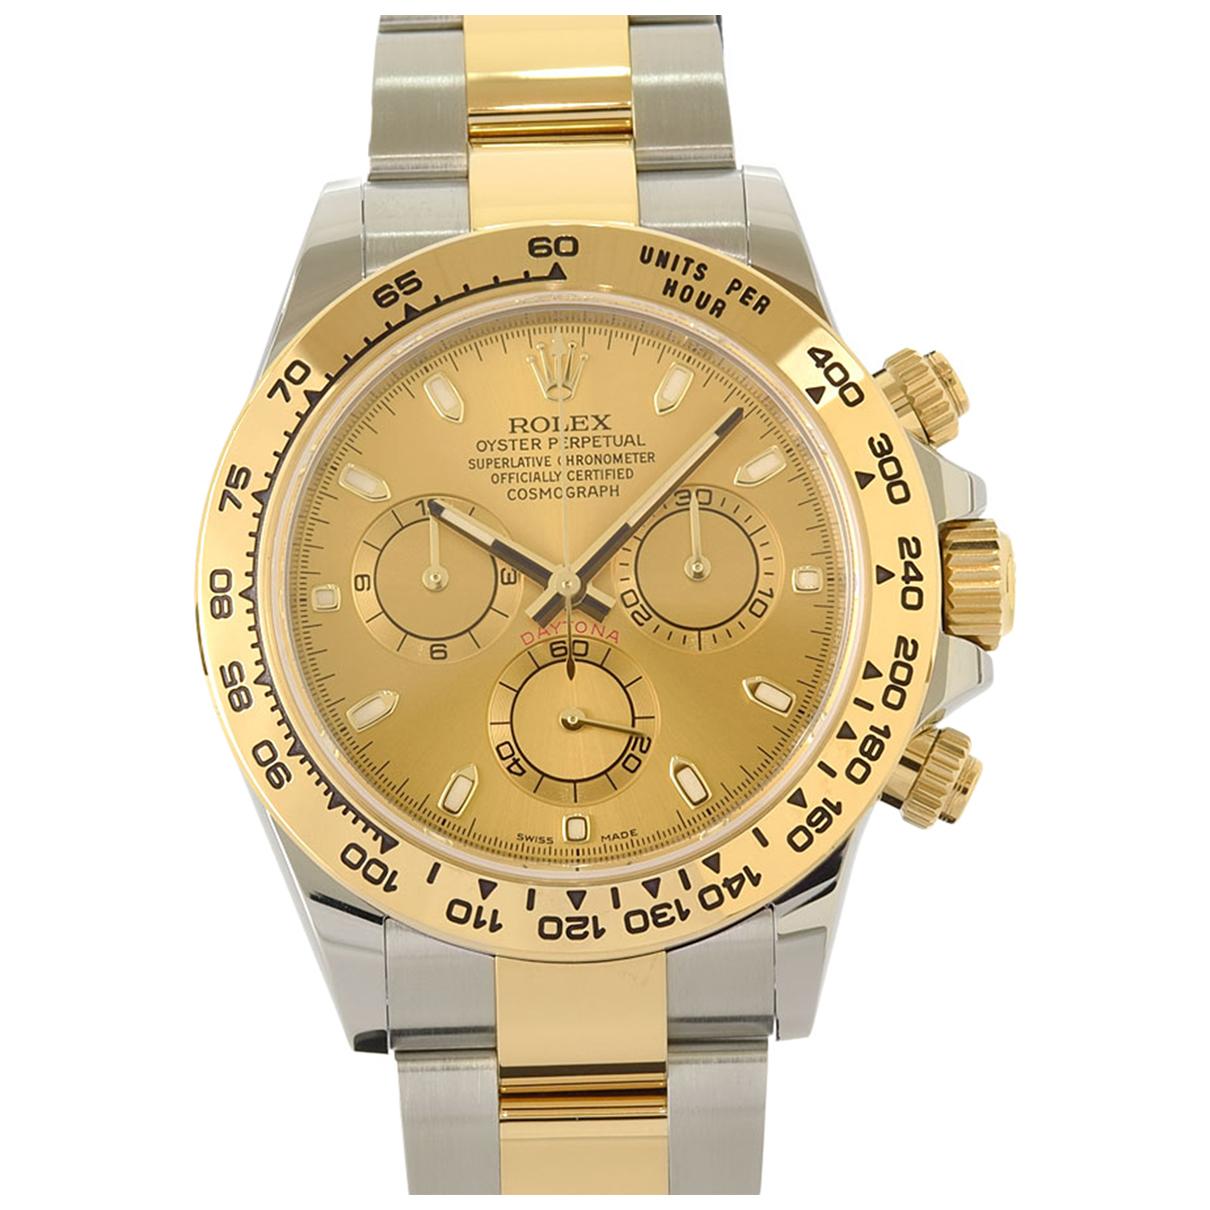 Rolex Daytona Uhr in  Silber Gold und Stahl